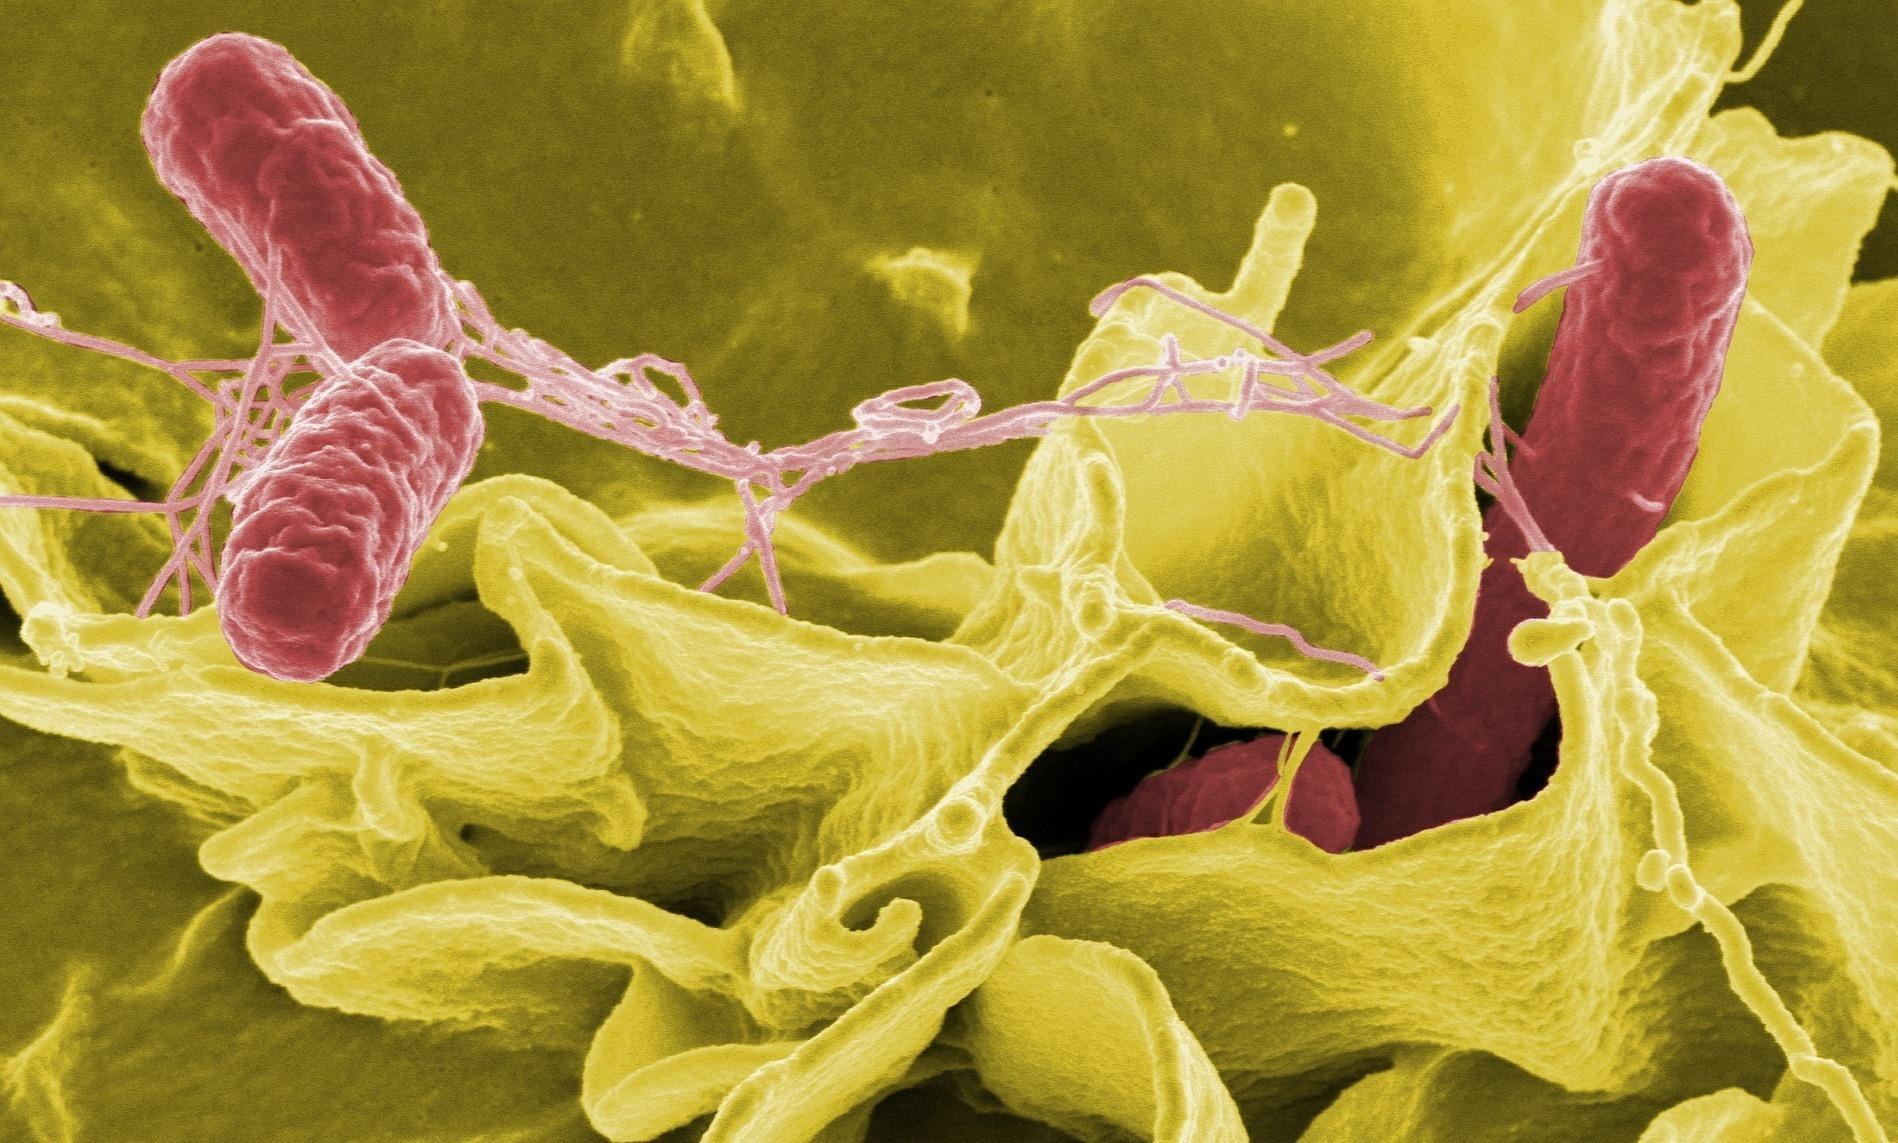 Клетки эпителия оказались способны вырабатывать «мыльный» белок, разрушающий бактерии